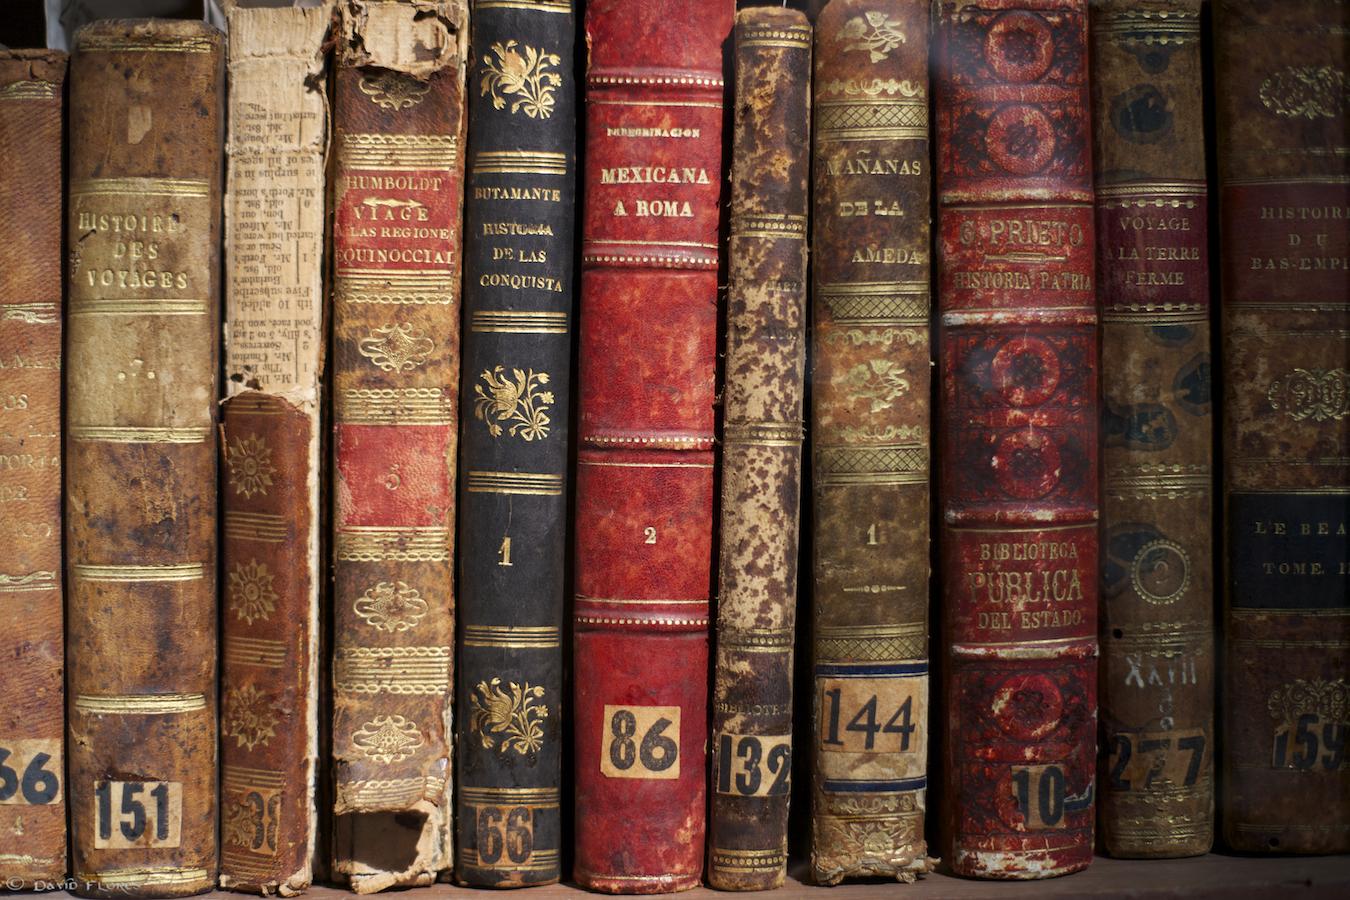 Artes literarias   -